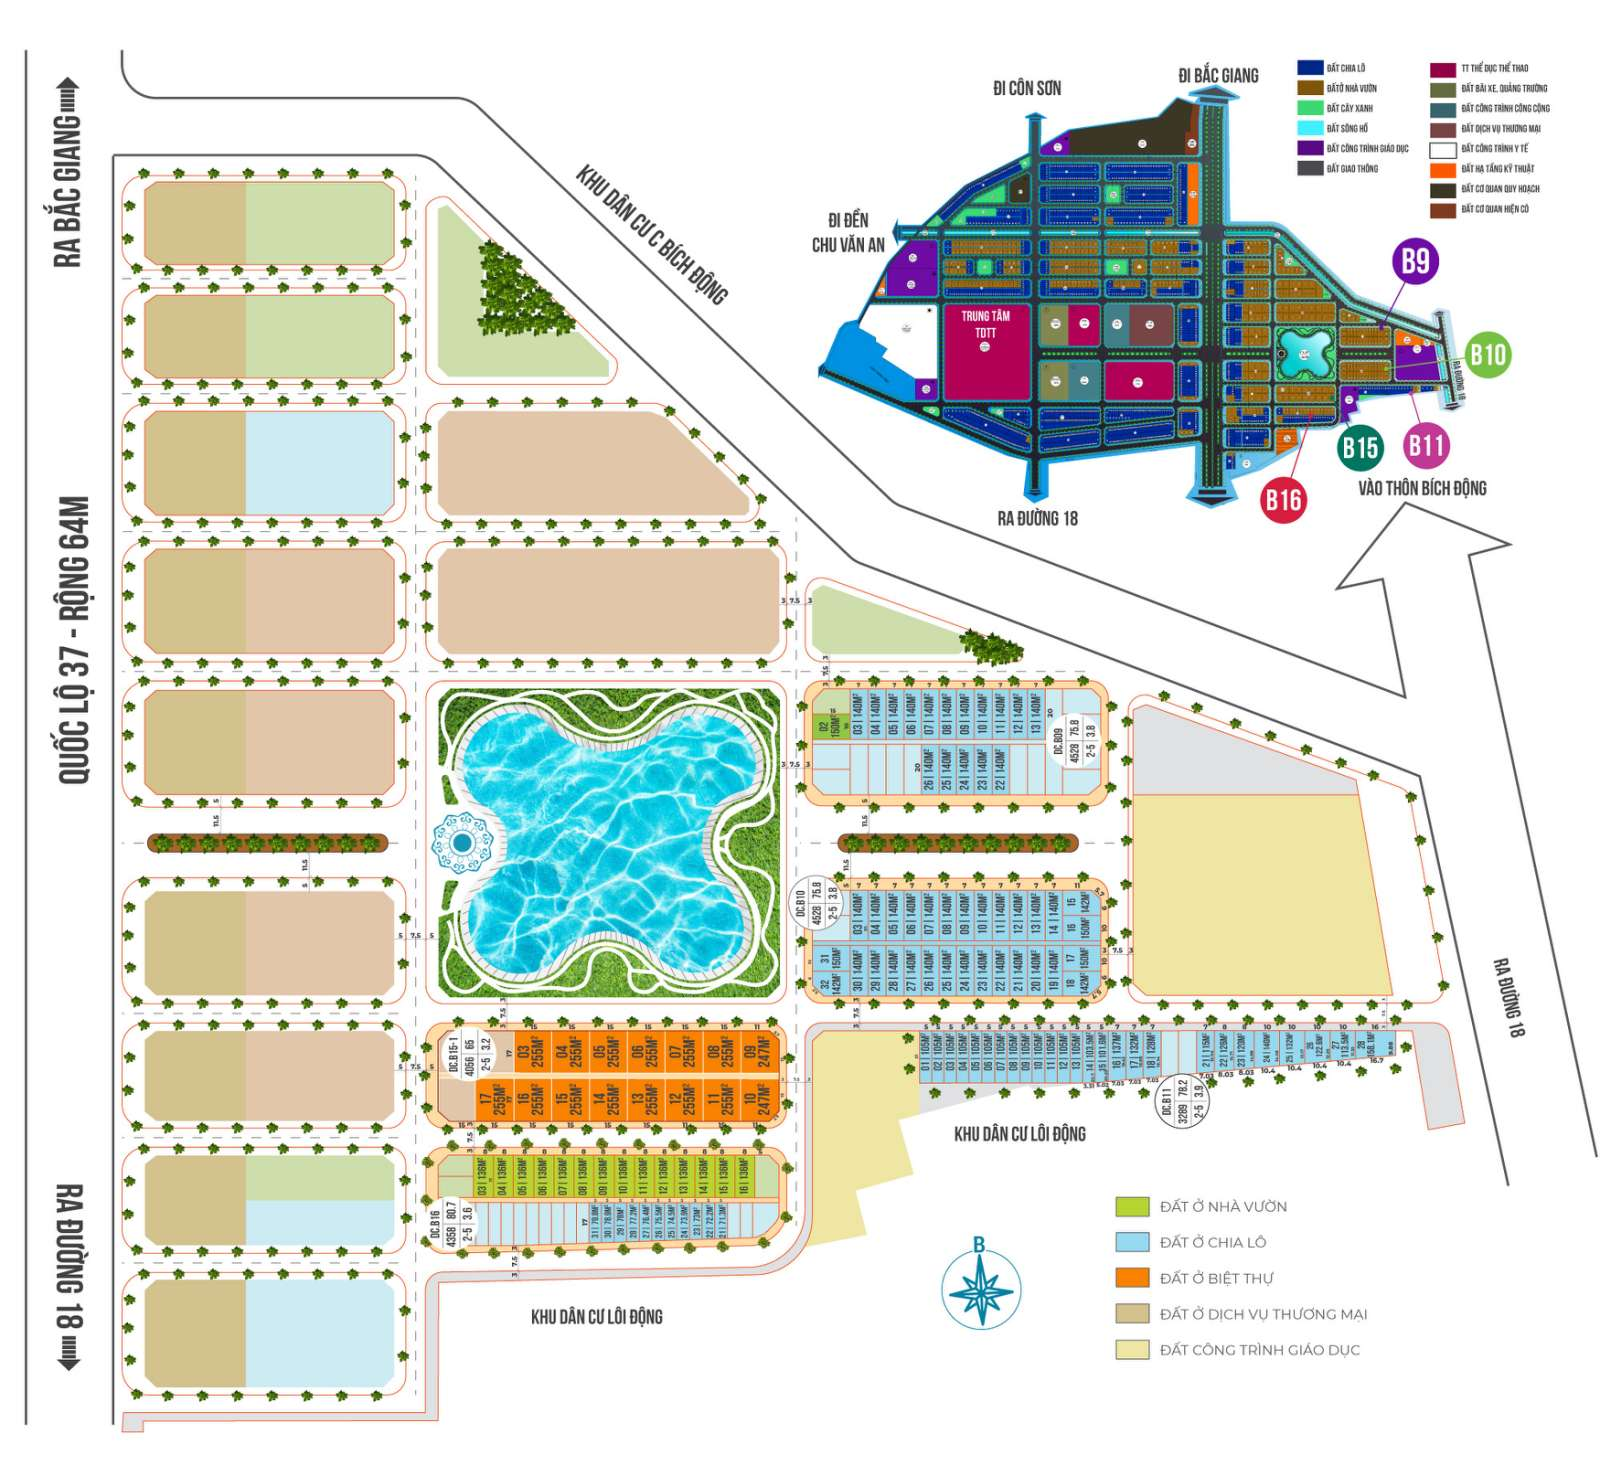 Cập nhật Quỹ đầu tư giá Ưu đãi Dự án Chí Linh Palm tháng 2 năm 2021